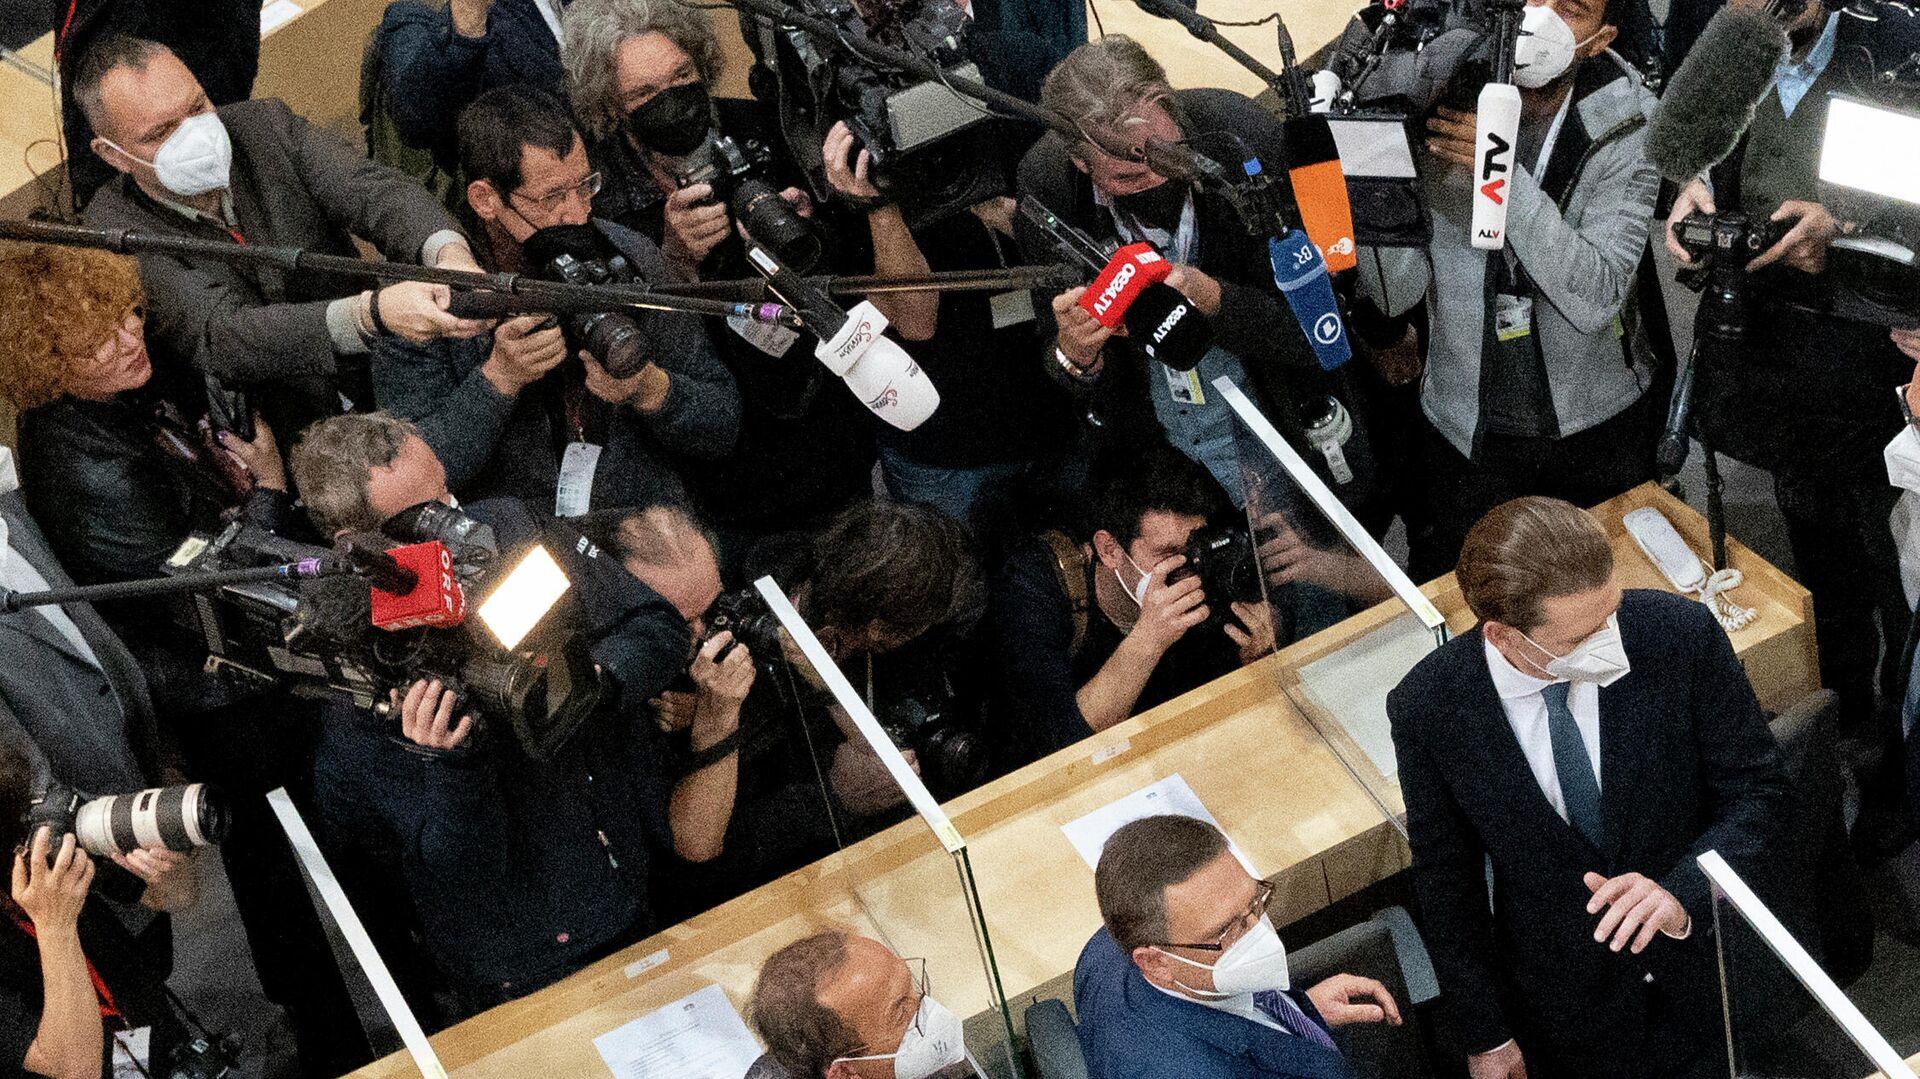 Sebastian Kurz kommt zu seiner ersten Parlamentssitzung nach dem Rücktritt als Kanzler - SNA, 1920, 14.10.2021